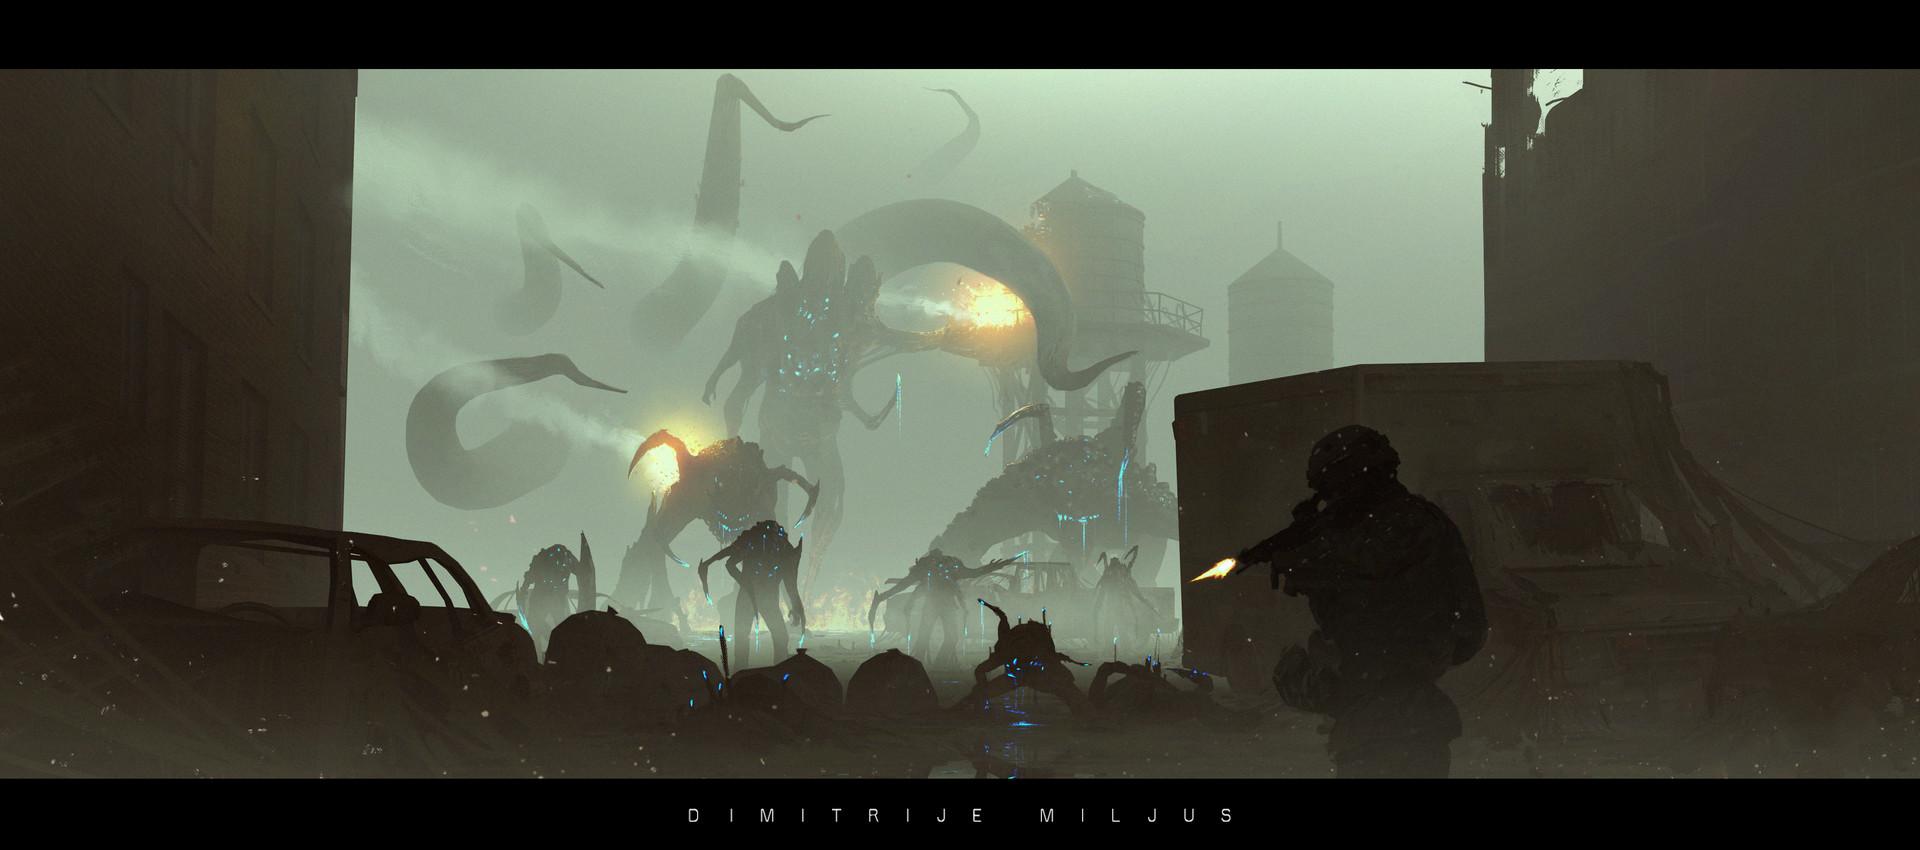 Dimitrije miljus 1